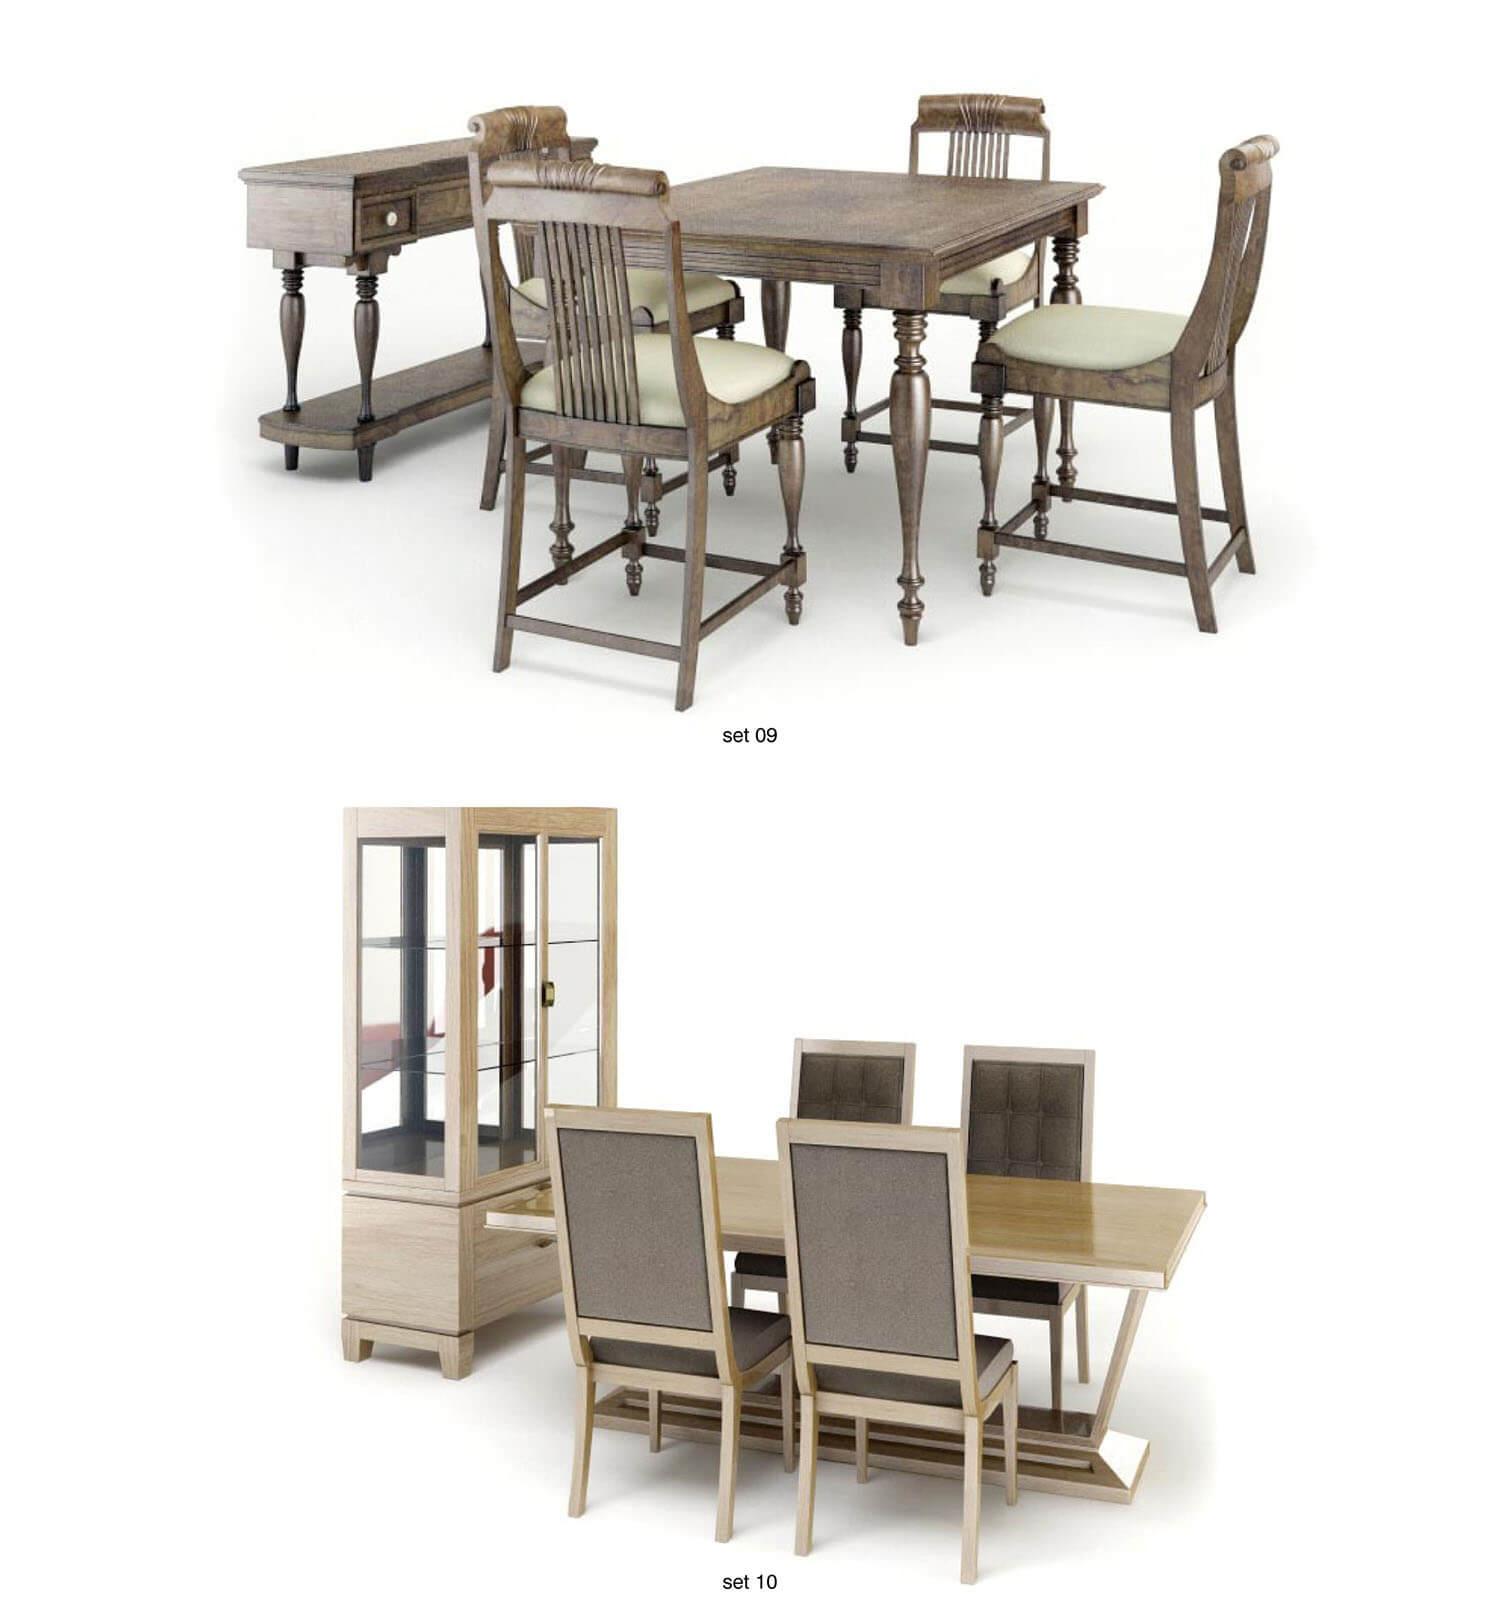 So sánh giữa 2 bộ bàn ăn cổ điển và hiện đại này, bạn sẽ chọn bộ nào